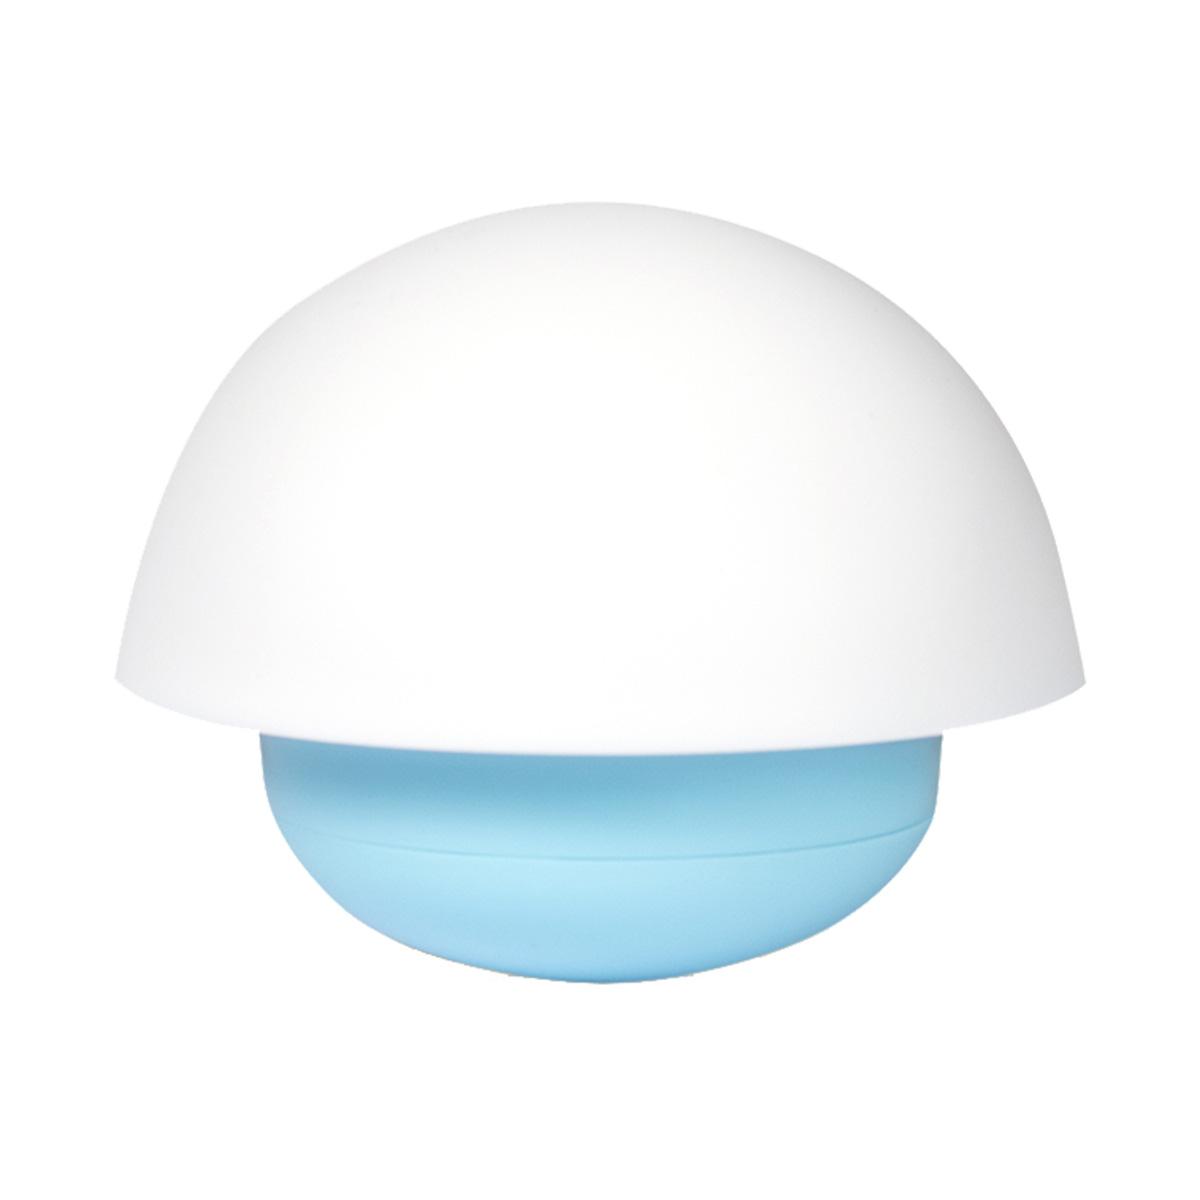 Billede af Filibabba natlampe - Mushroom - Blå